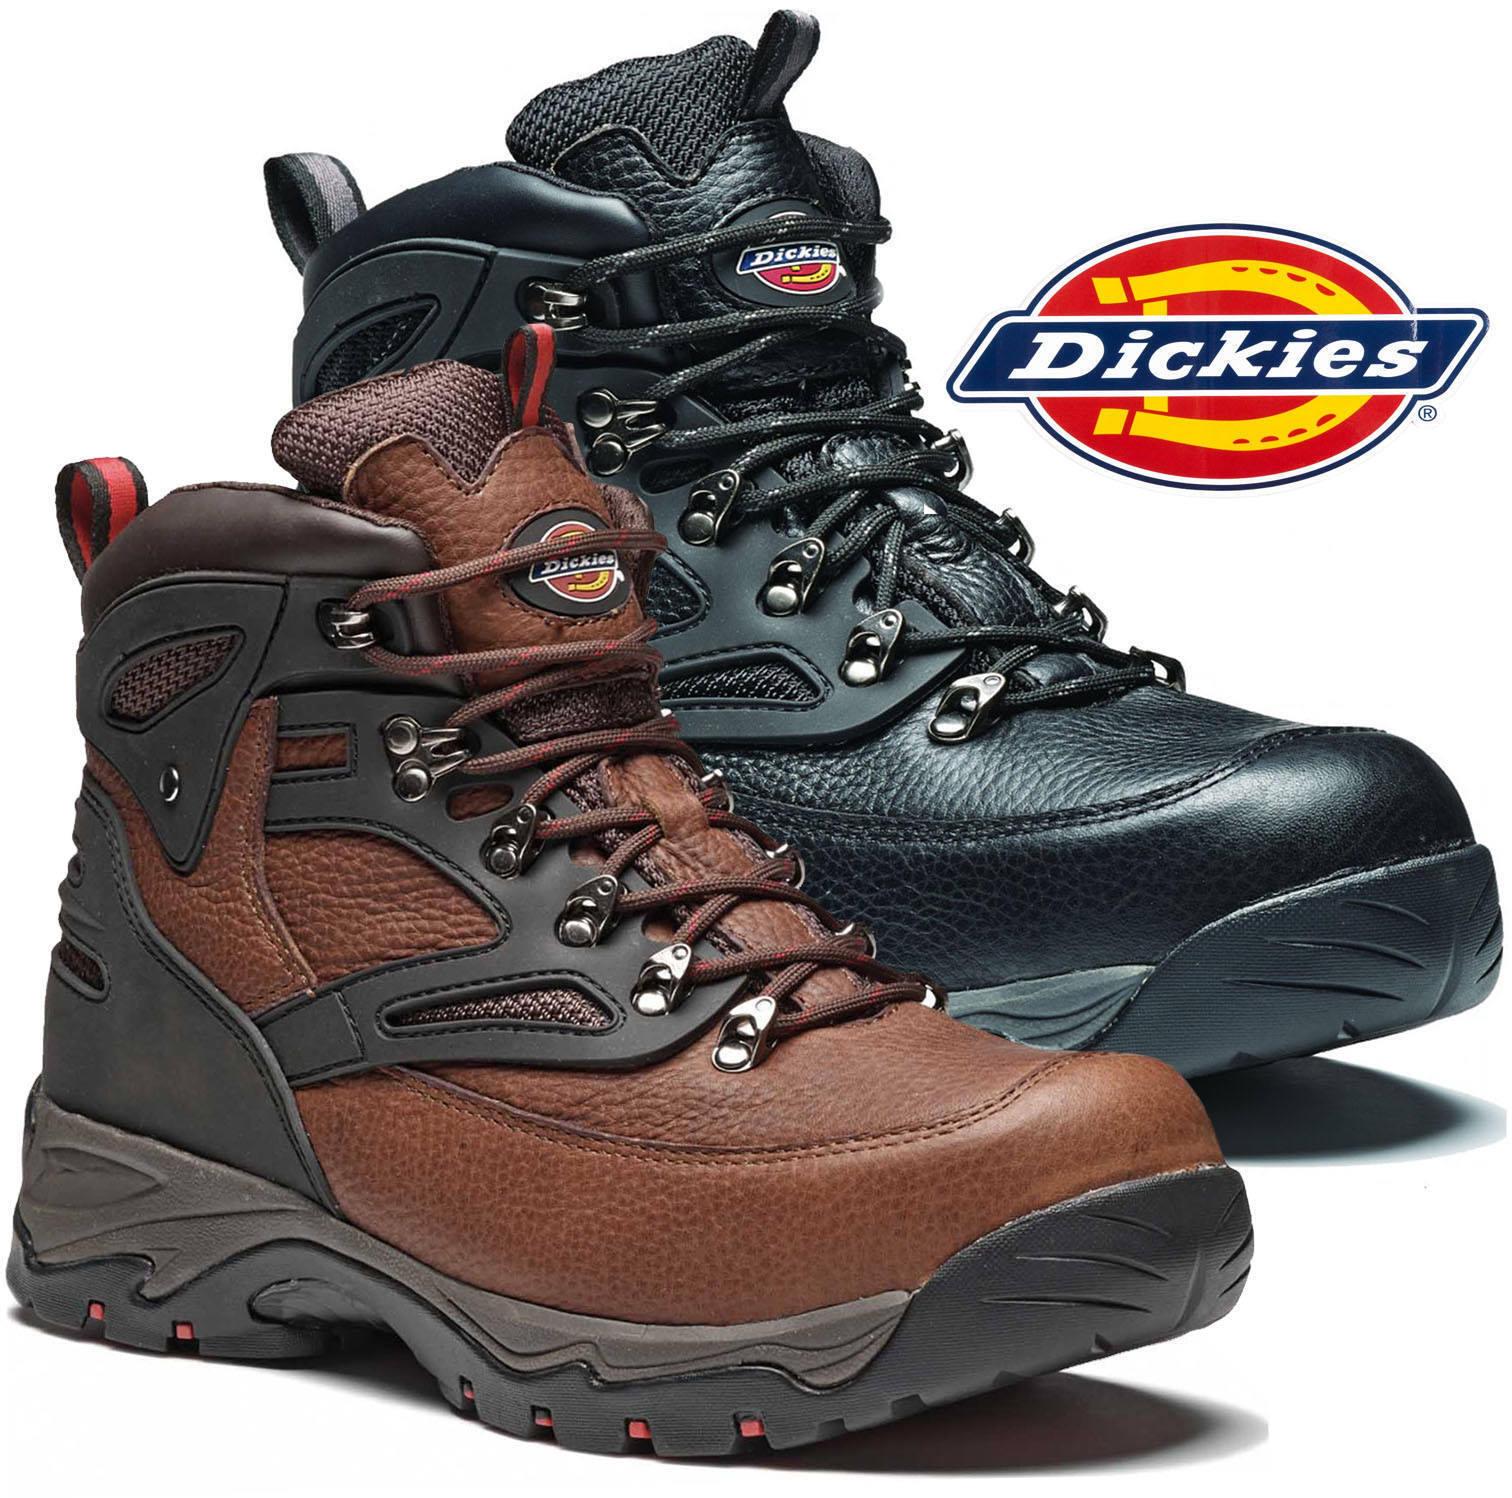 Dickies Preston botas de Trabajo Cuero Puntera Acero Bota Alpinista Negro Marrón